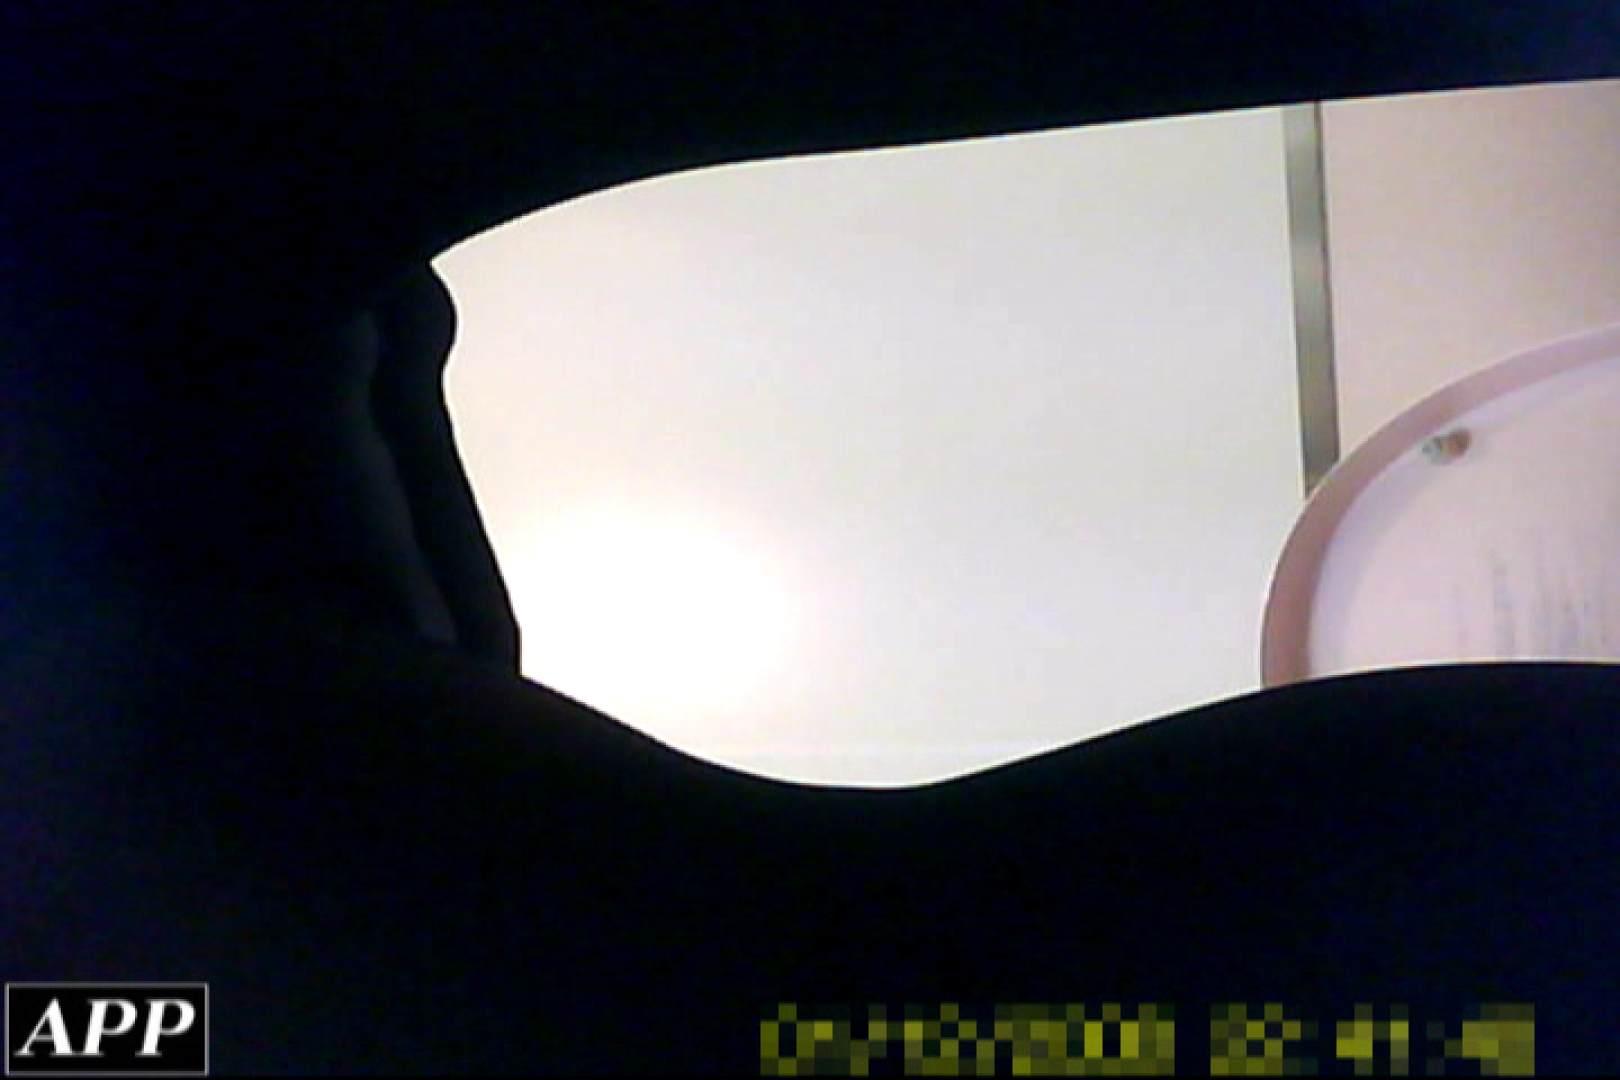 3視点洗面所 vol.71 エッチすぎるOL達 AV動画キャプチャ 101連発 62